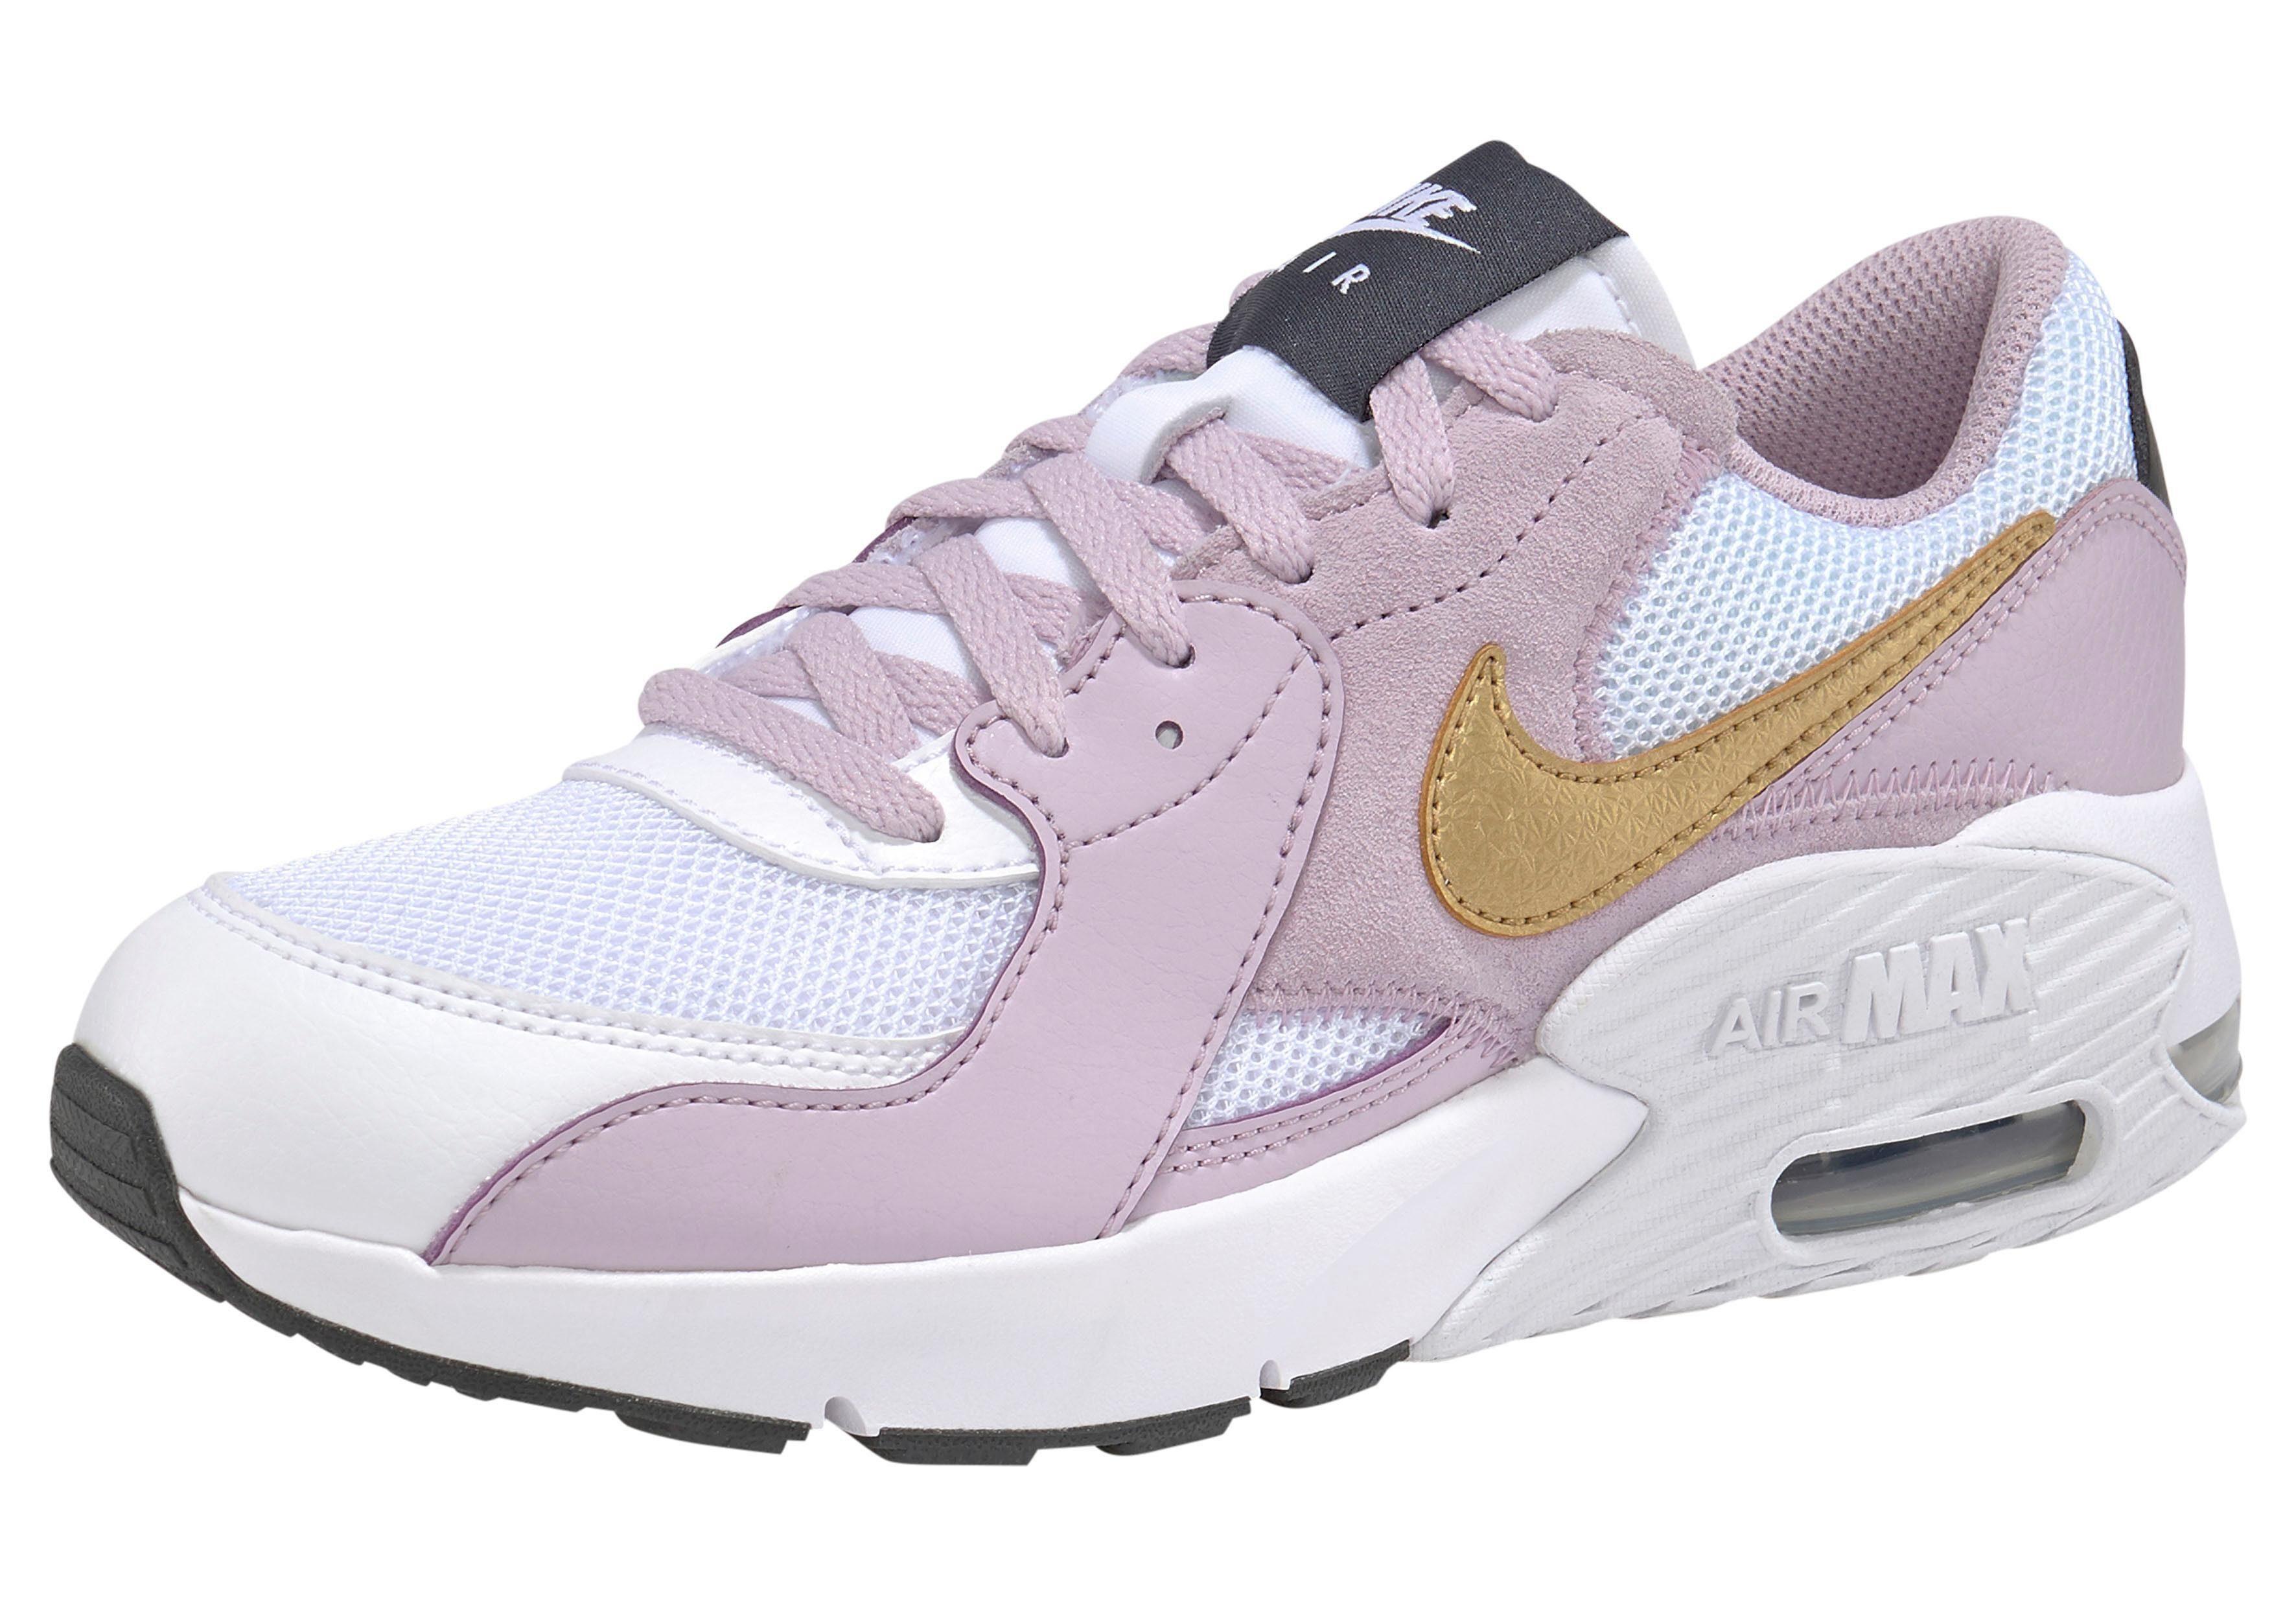 Nike Sportswear »Air Max Excee« Sneaker, Modischer Sneaker von Nike Sportswear online kaufen | OTTO